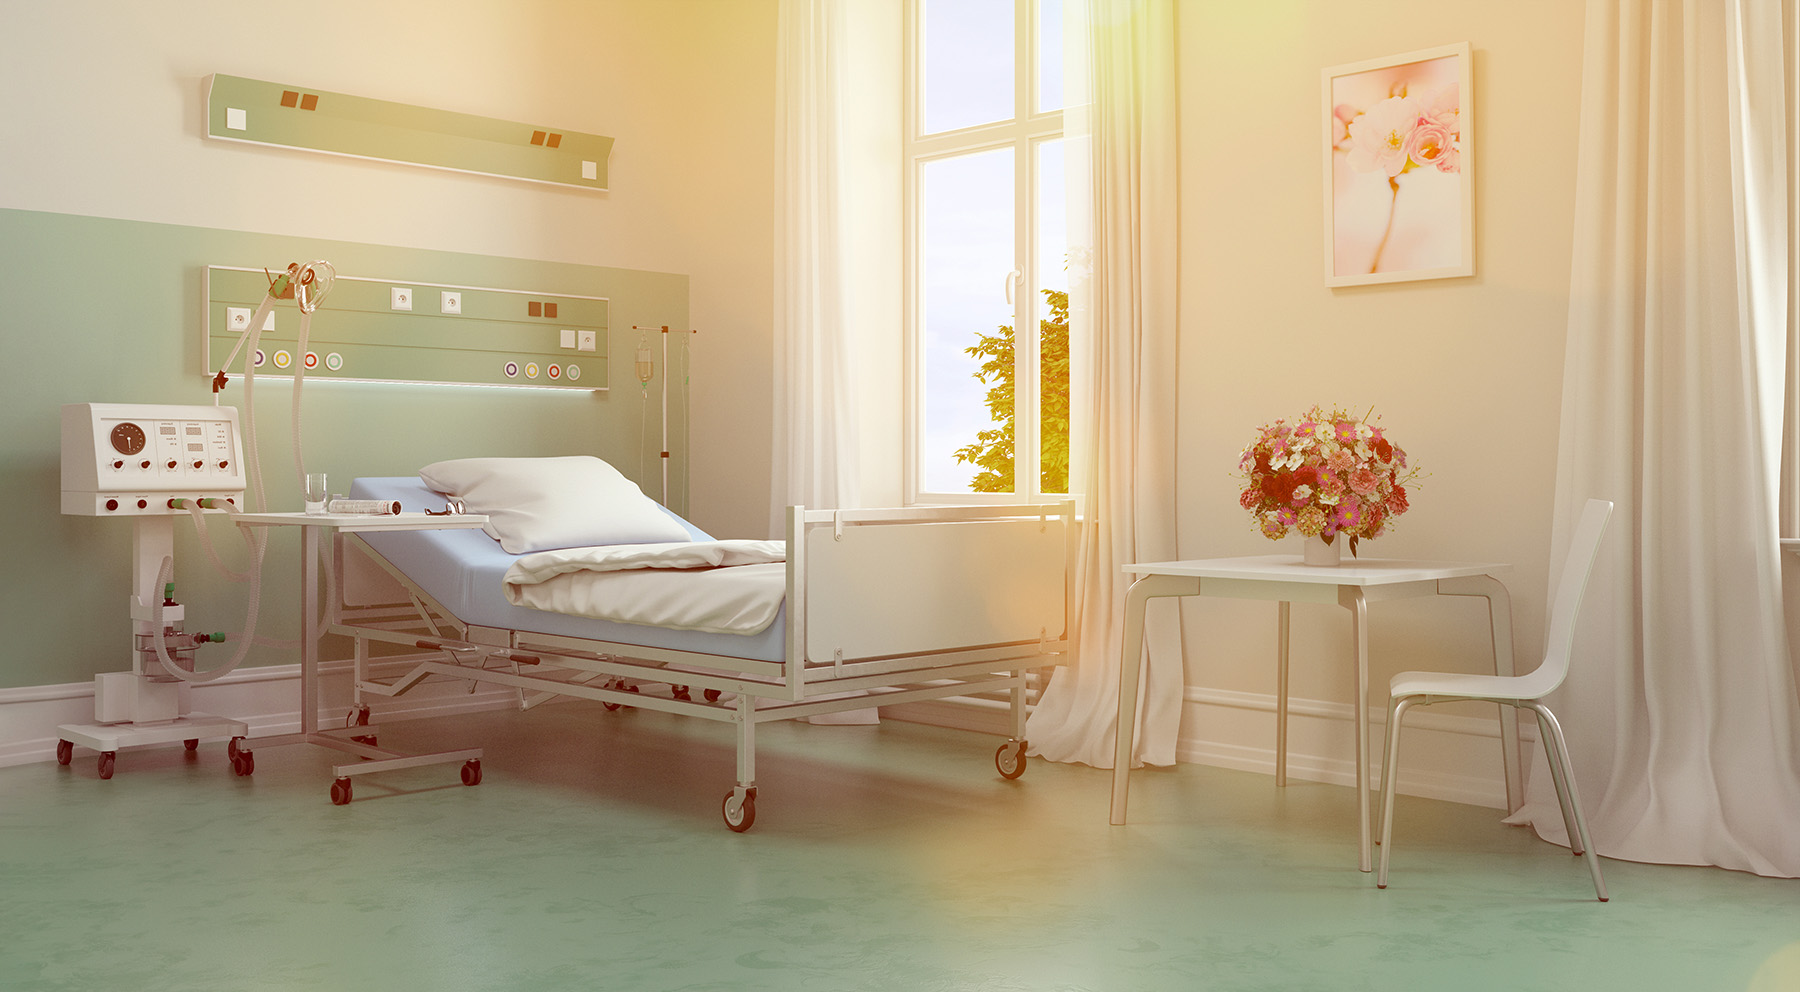 笑Lifeが提供するのは健康経営を実現する 「保健室」